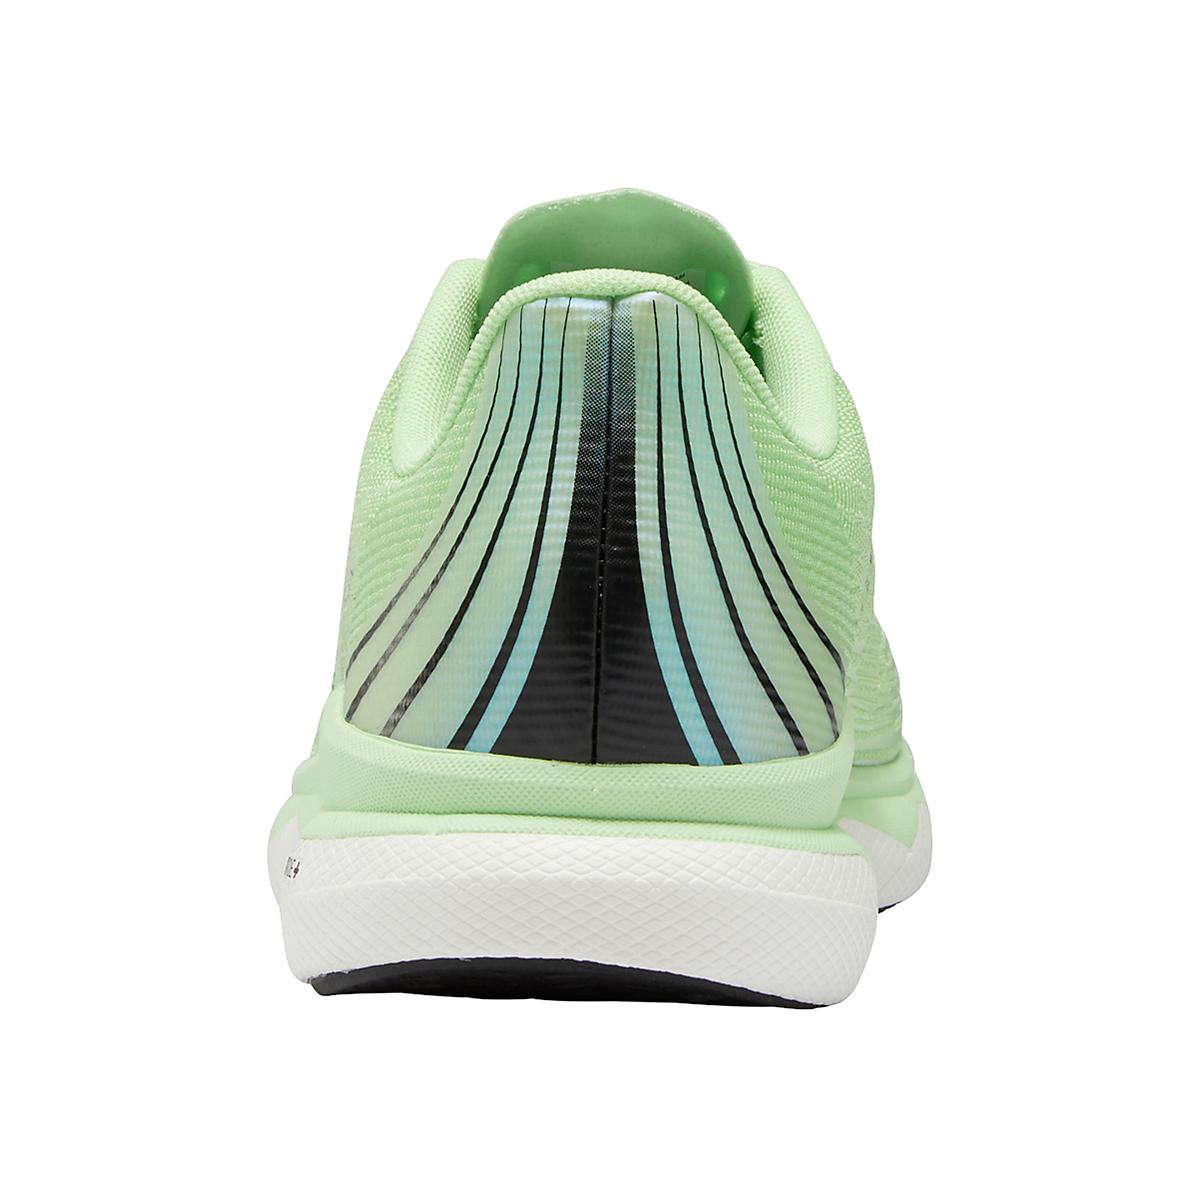 Men's Reebok Floatride Run Fast 3.0 Running Shoe - Color: Neon Mint/White/Core Black - Size: 7 - Width: Regular, Neon Mint/White/Core Black, large, image 5